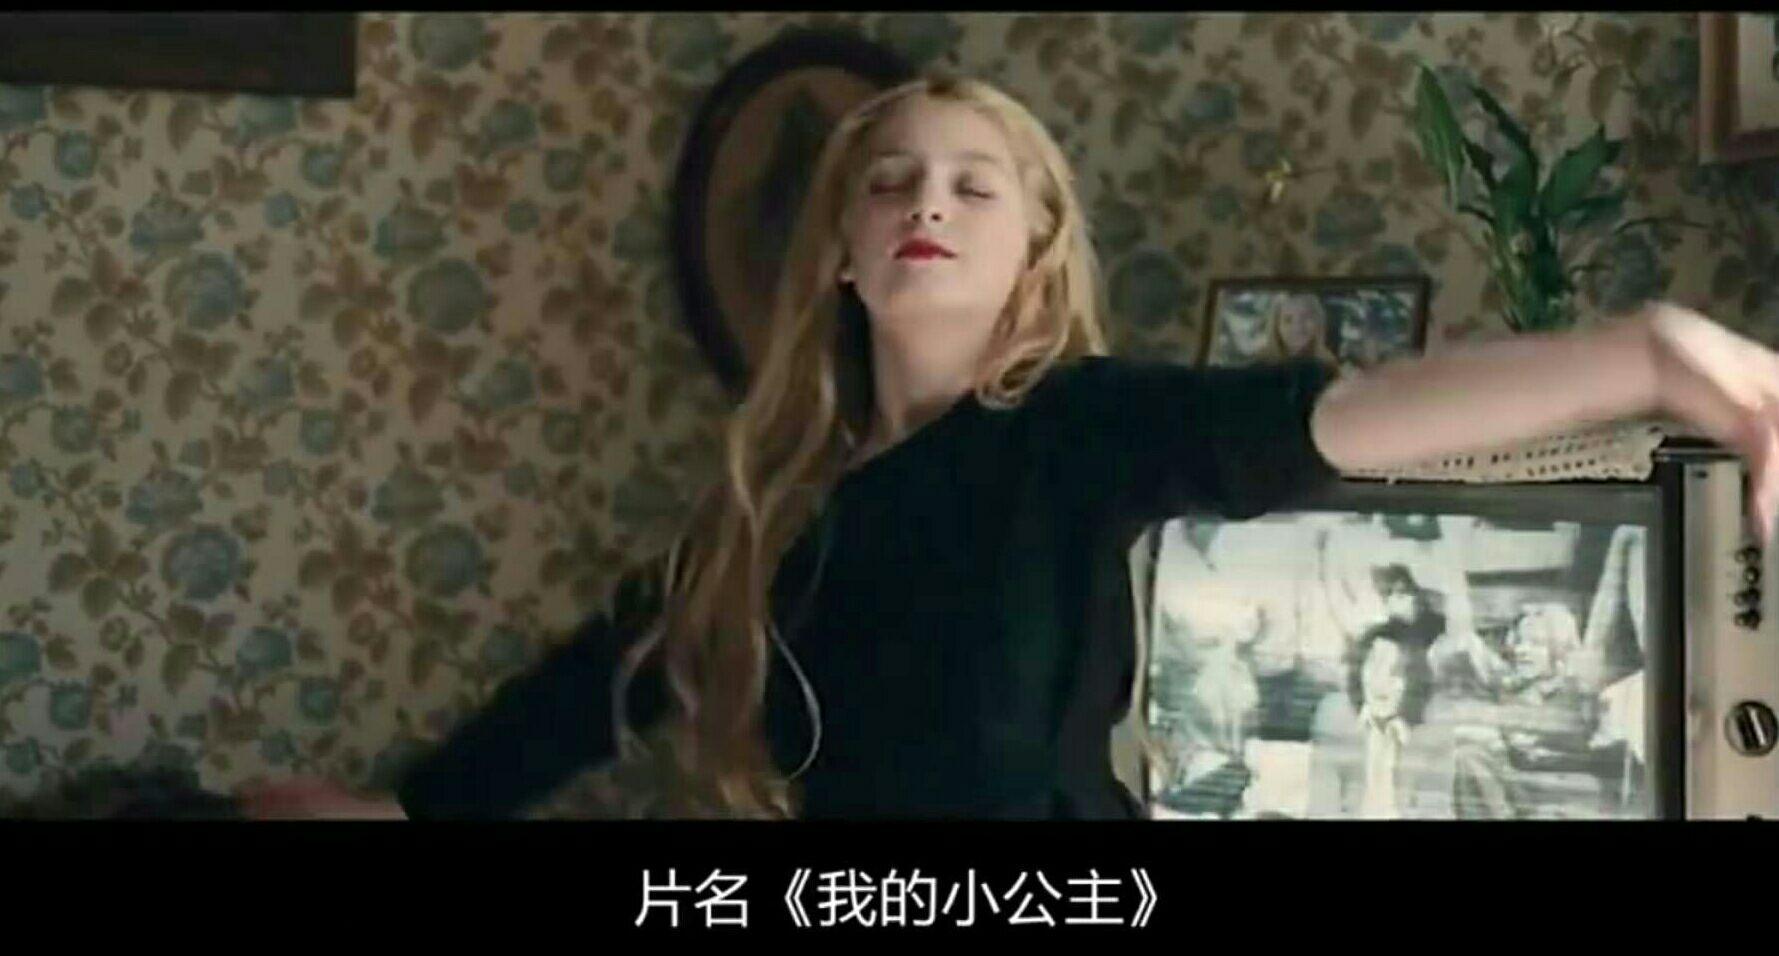 写母亲的小传_求电影名称(小萝莉太好看了)? - 知乎